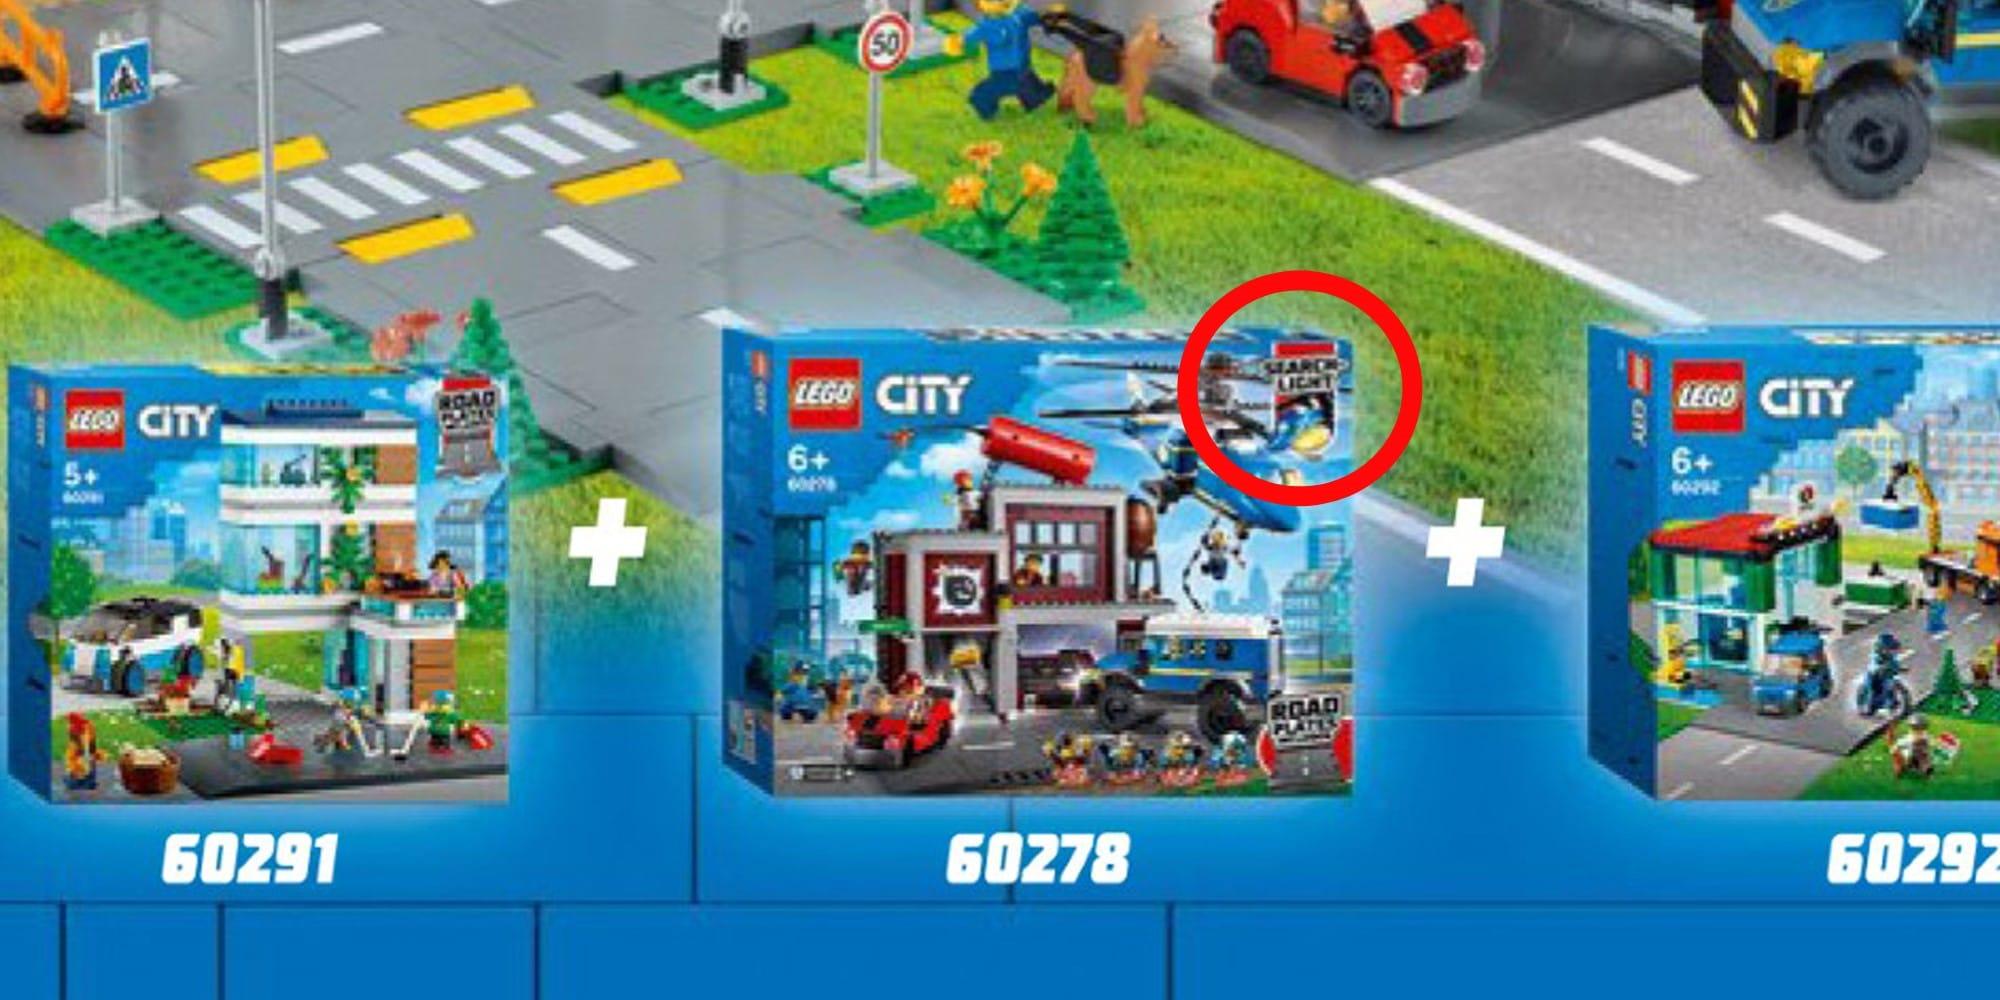 LEGO City 60278 Suche Nach Dem Ganovenversteck Erstes Bild Ovp